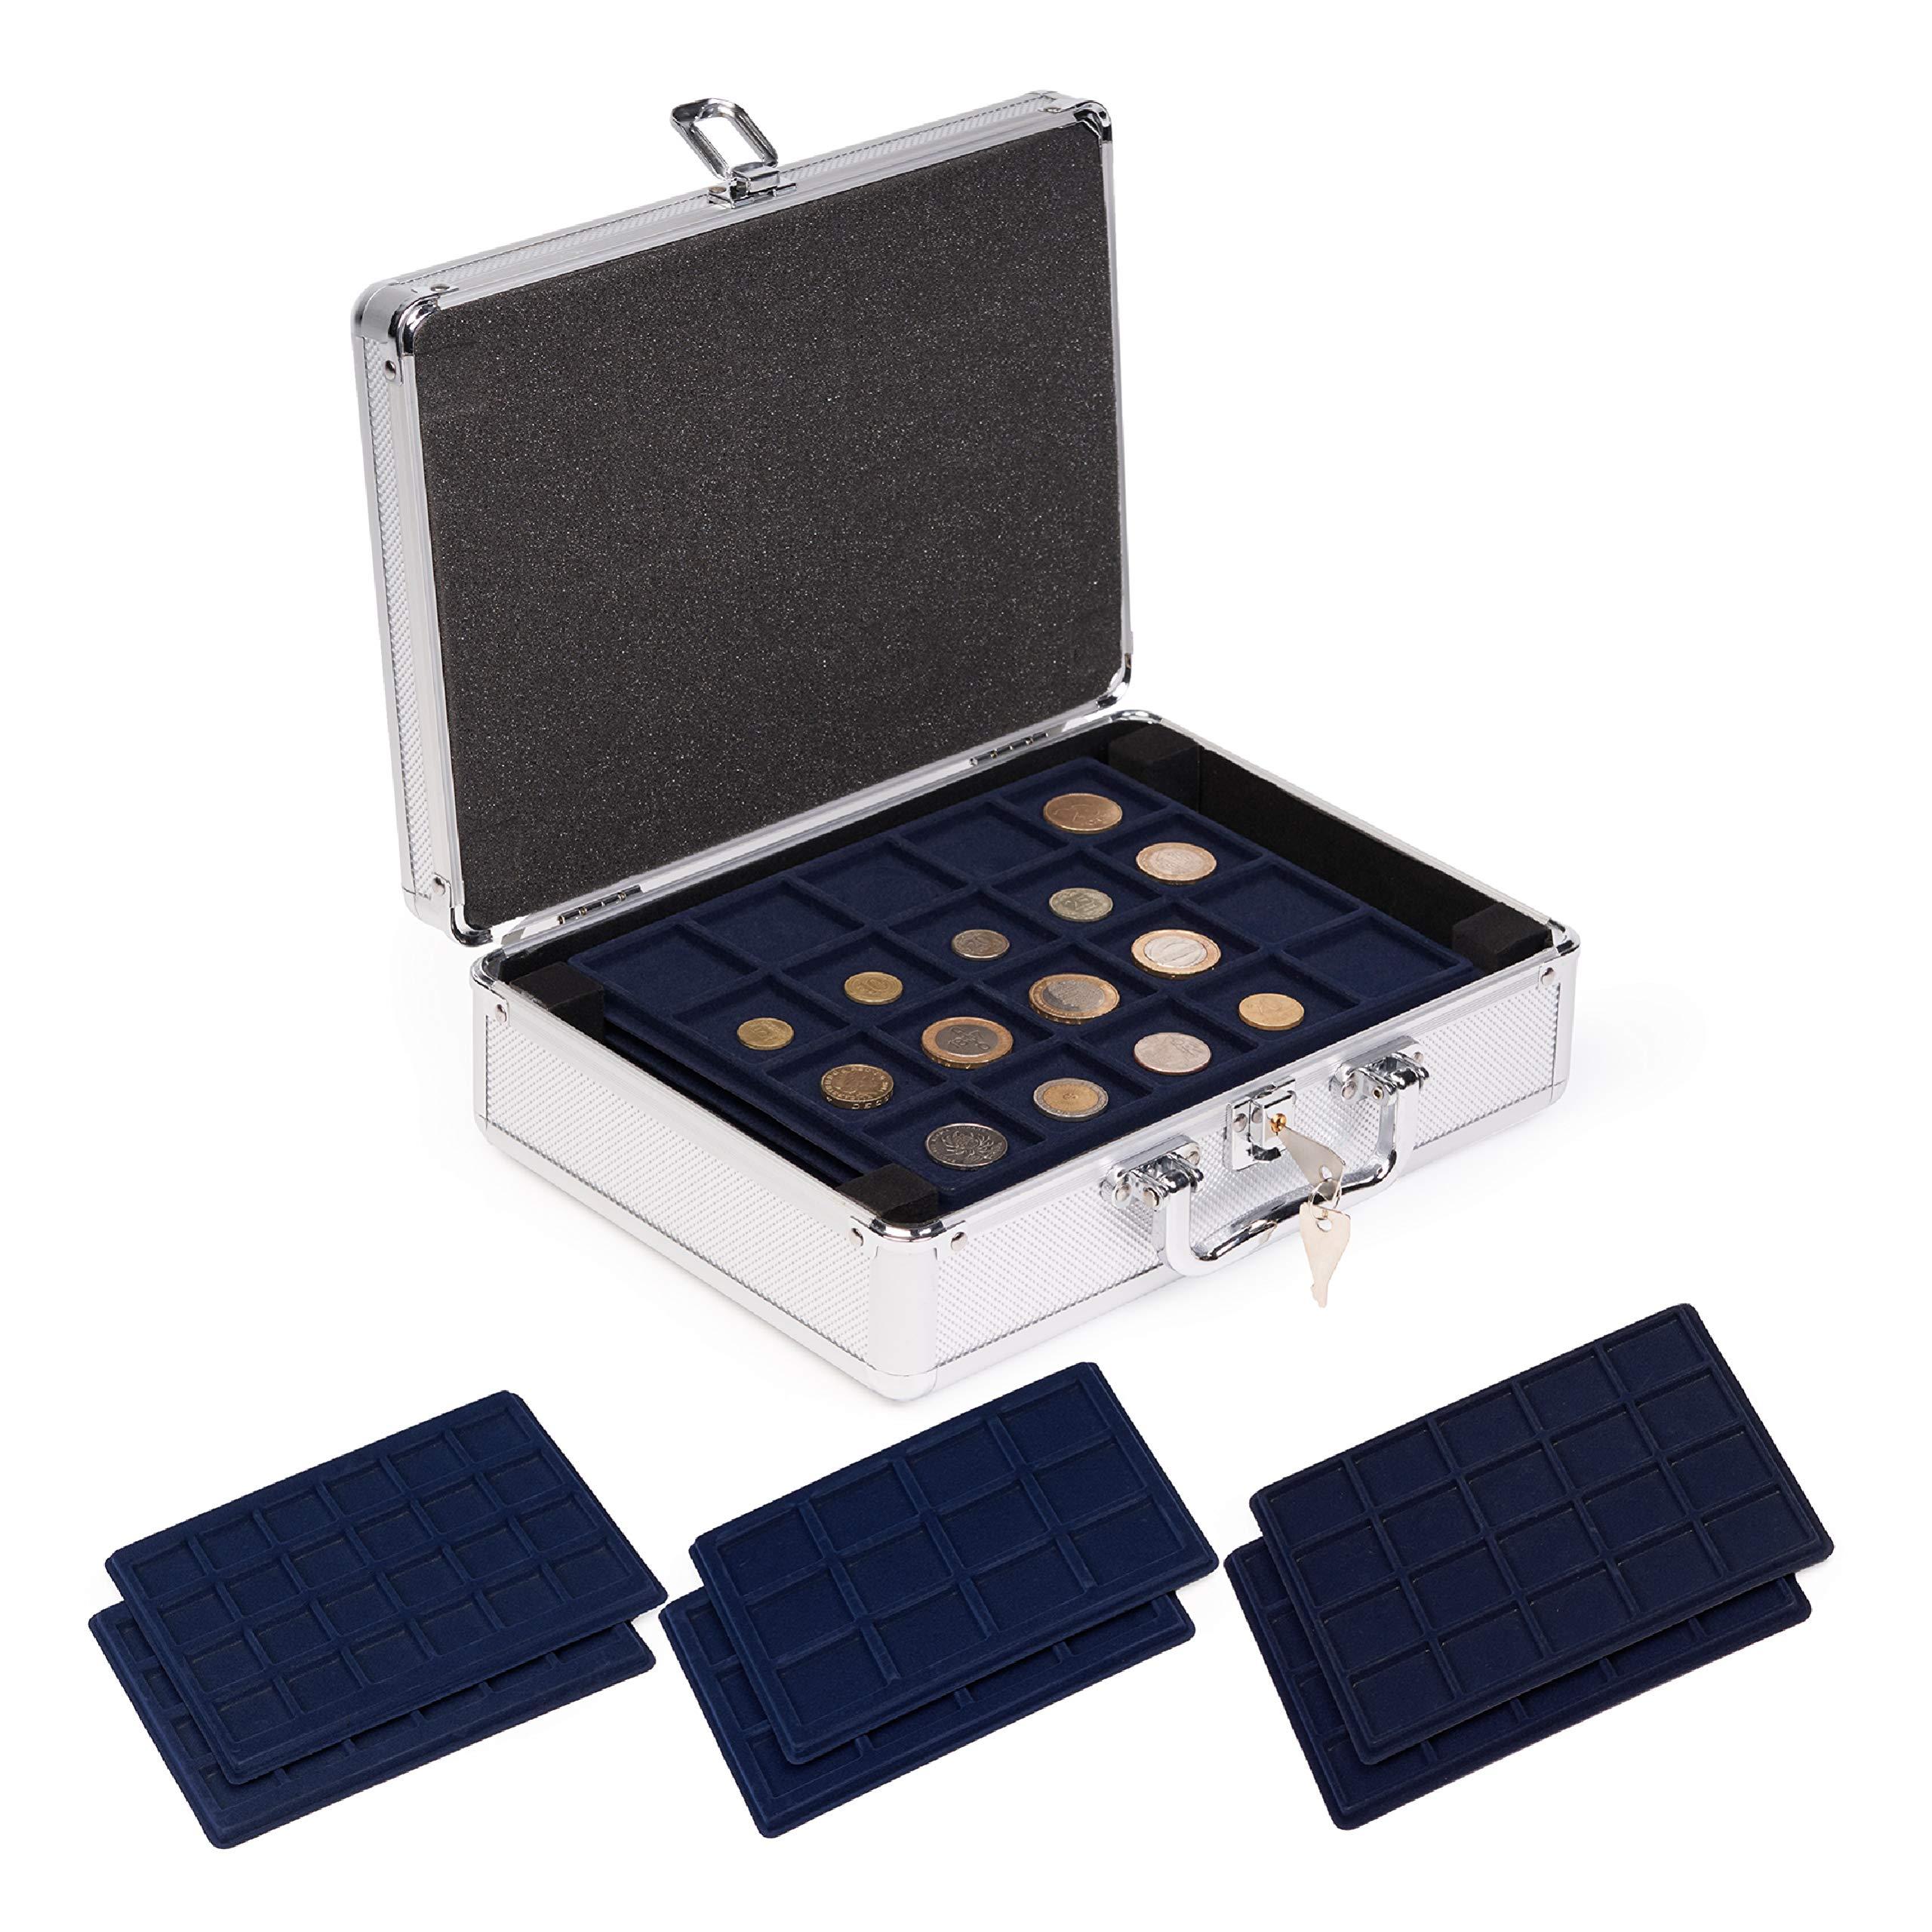 Caja Maletín de Aluminio para Coleccionistas de Monedas con 6 Bandejas - Almacenamiento de Colección de Monedas - Para Todo Tipo de Monedas, con Cerradura y Llaves - Robusto y Confiable.: Amazon.es: